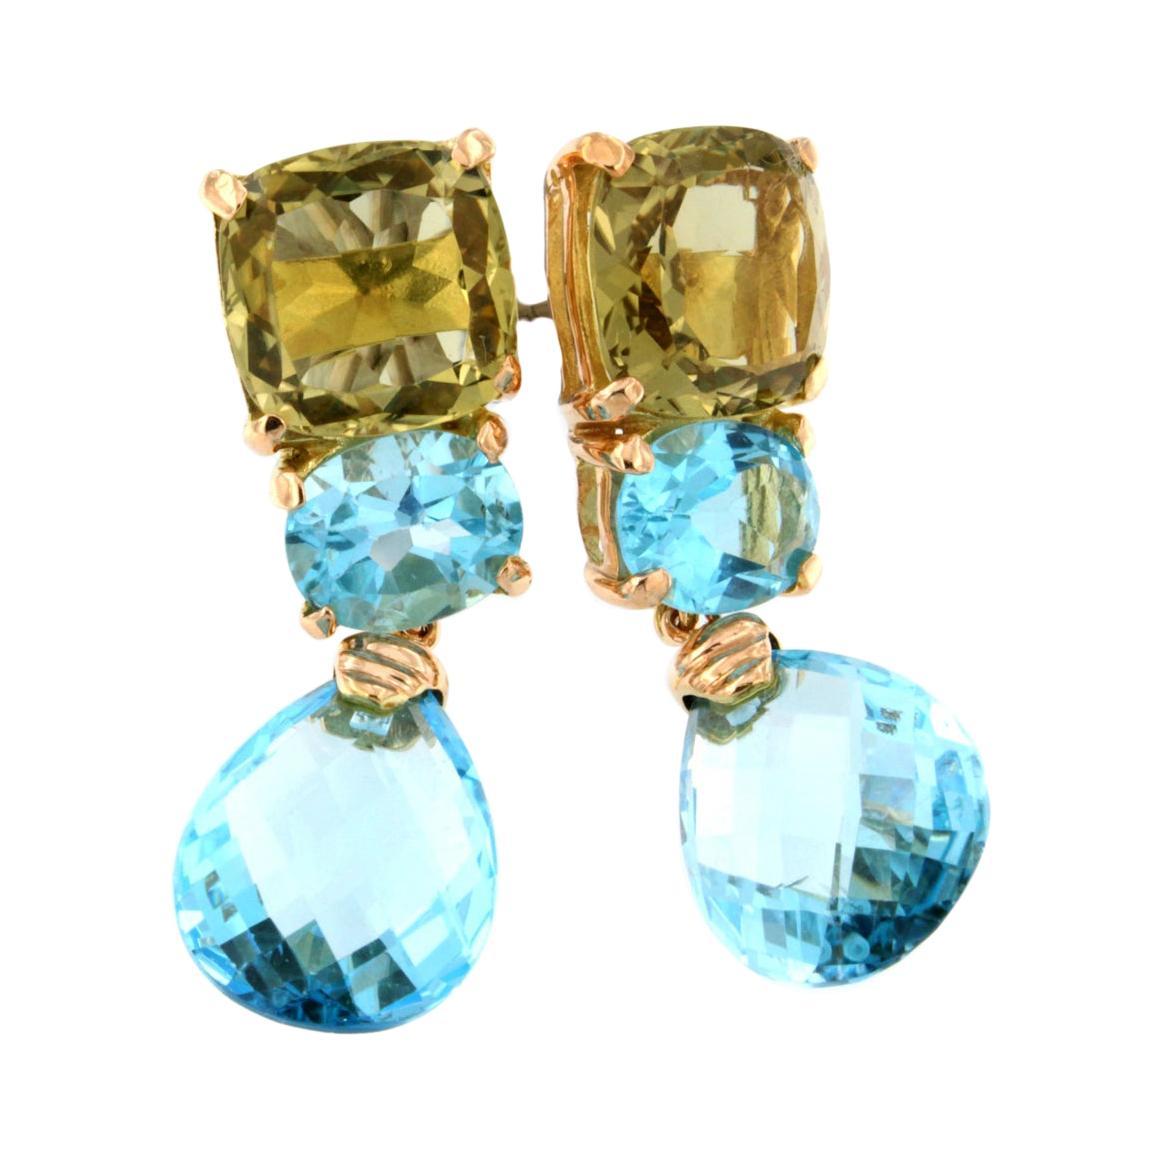 18k Rose Gold with Blue Topaz and Lemon Quartz Earrings